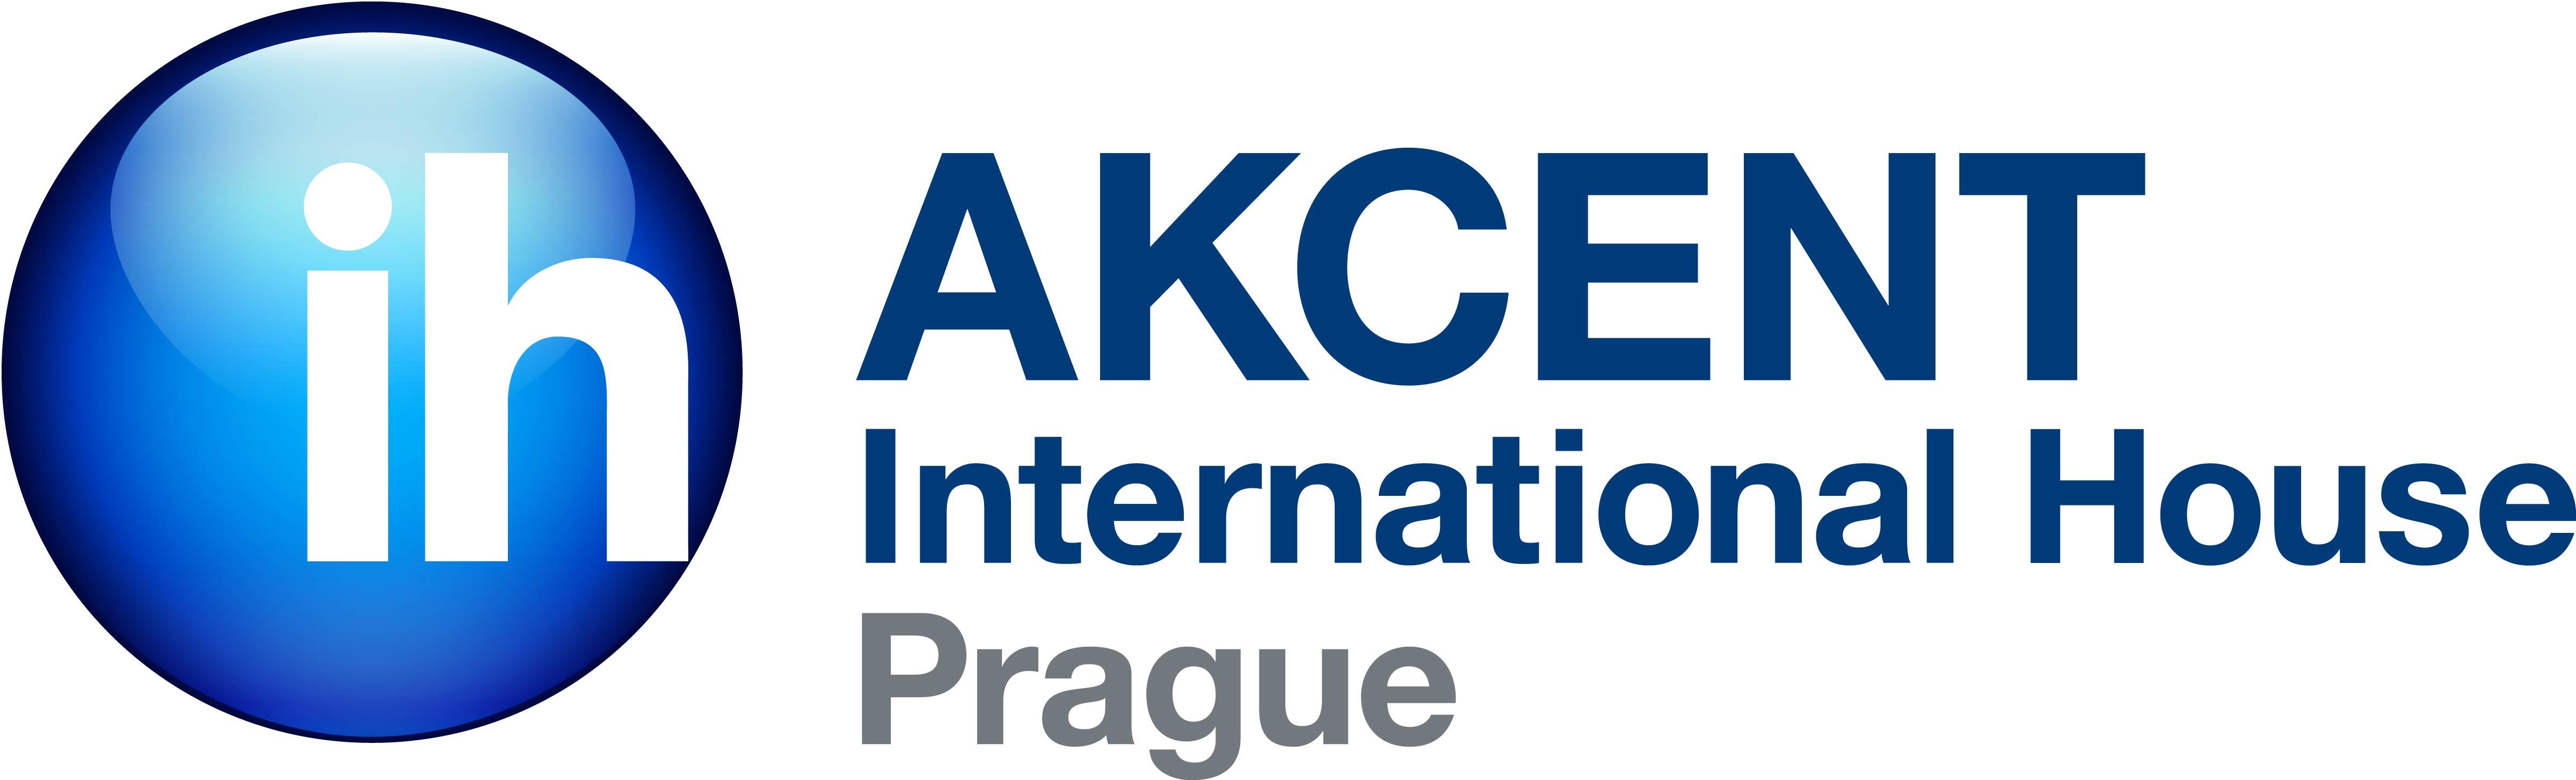 akcent-logo